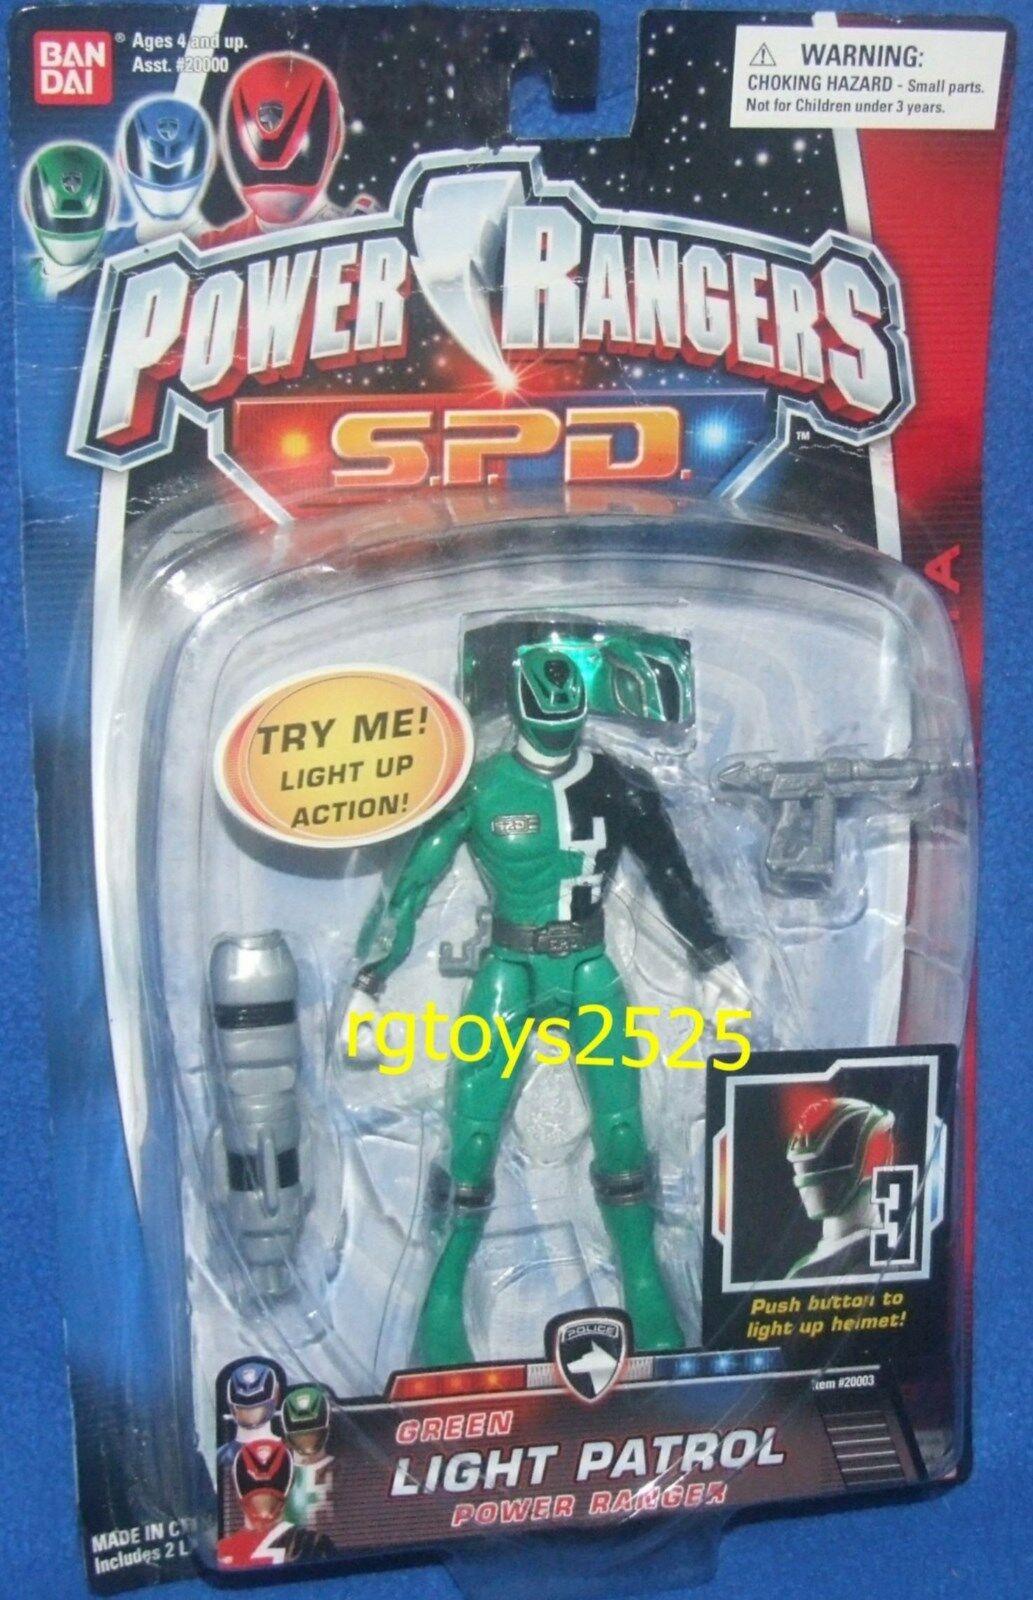 energia Rangers SPD Light Patrol 5 verde Ranger nuovo Factory Sealed 2004